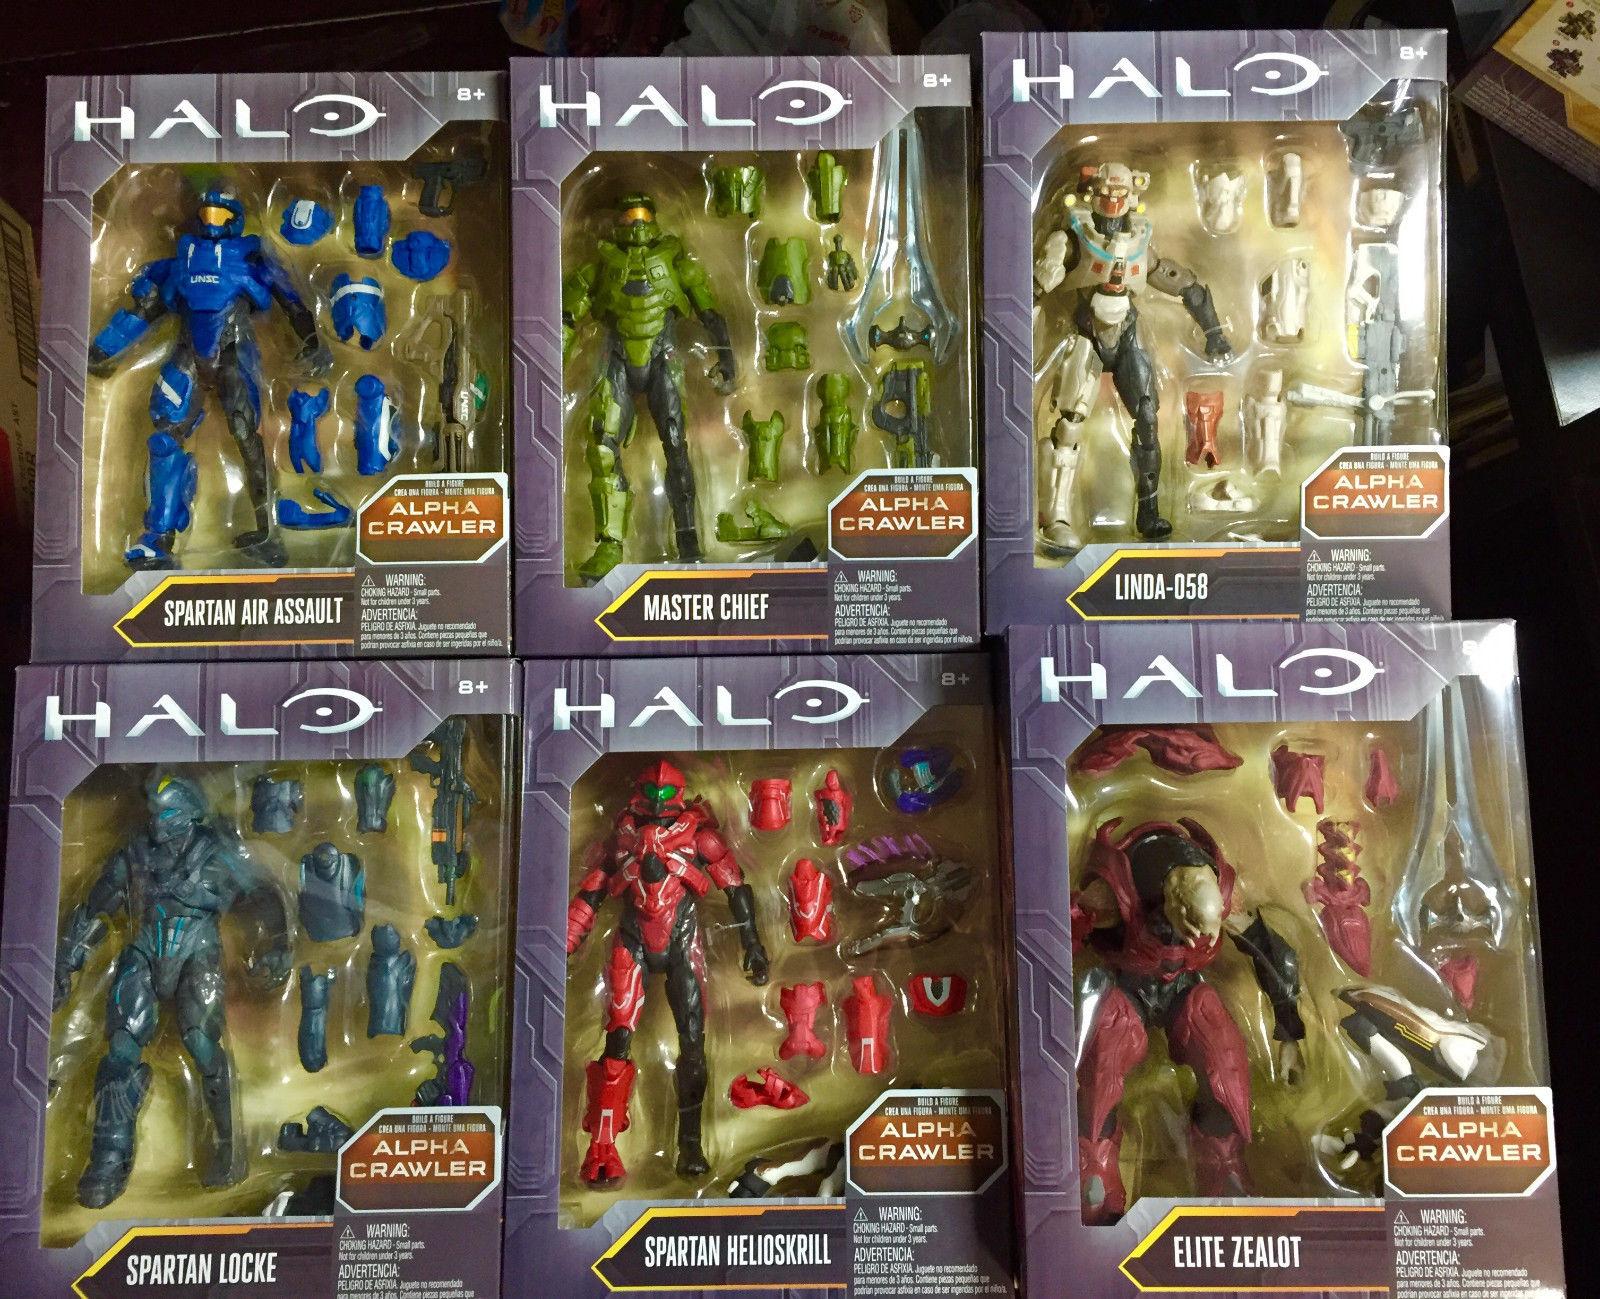 """Halo ELITE ZEALOT 6/"""" Action Figure BAF Alpha Crawler"""